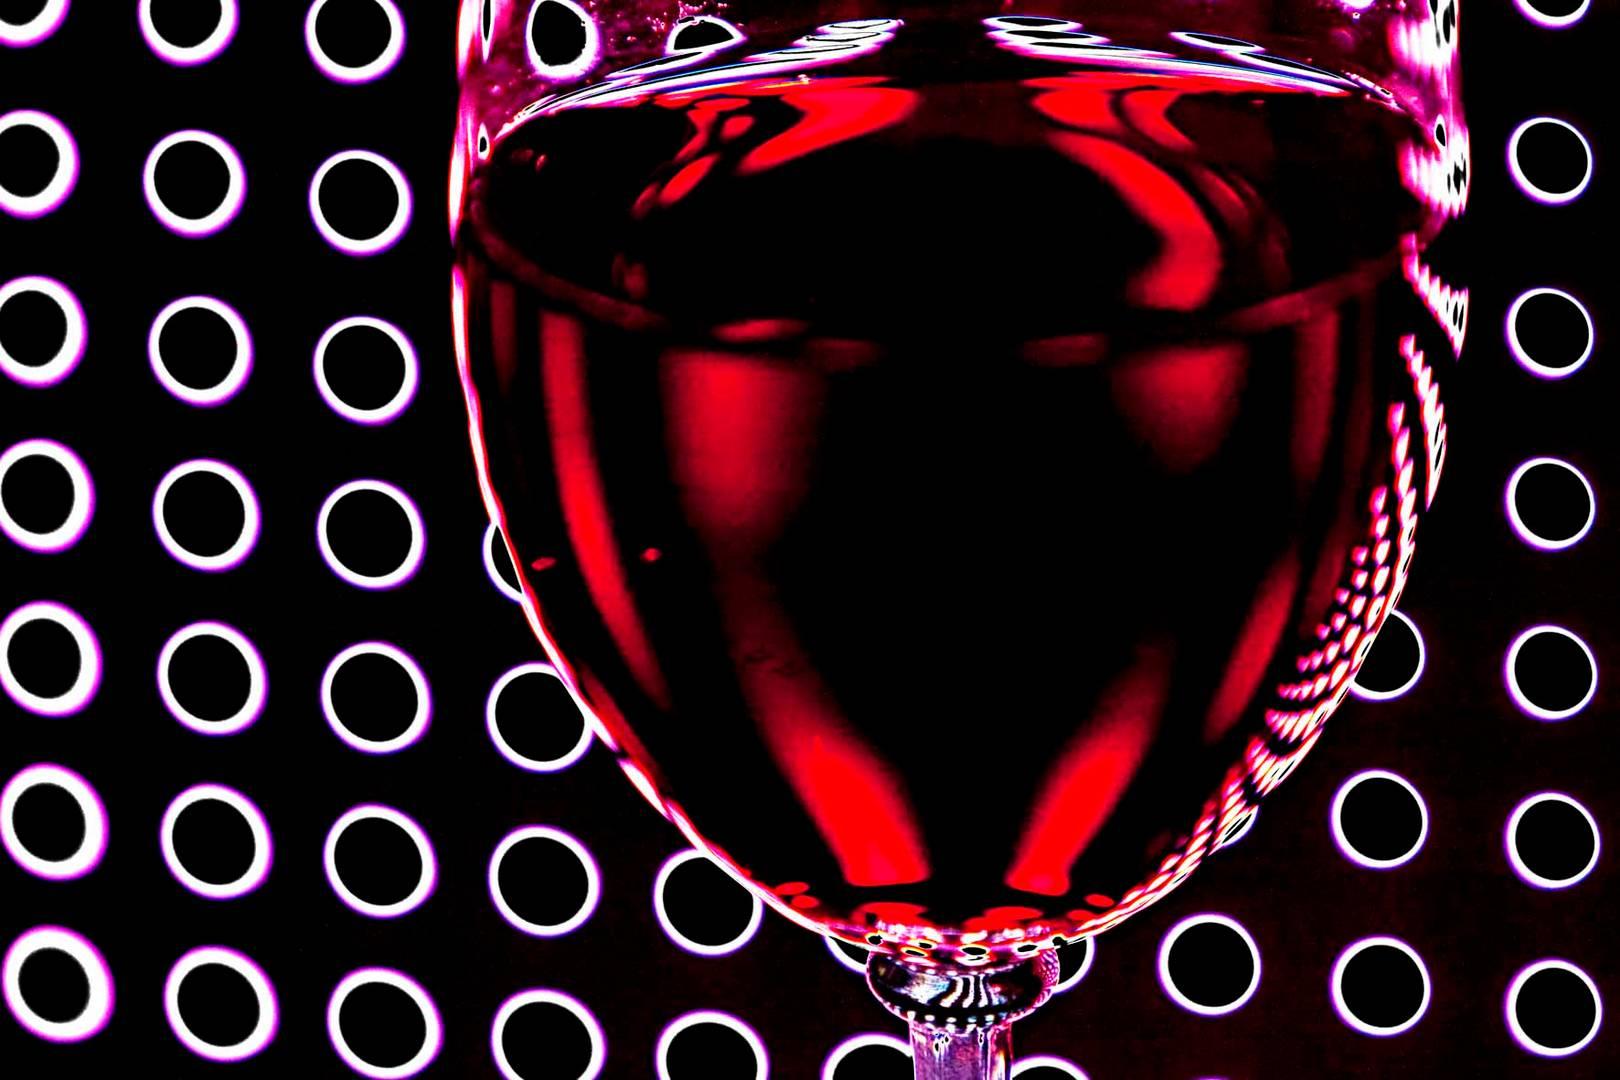 vino vino tintito